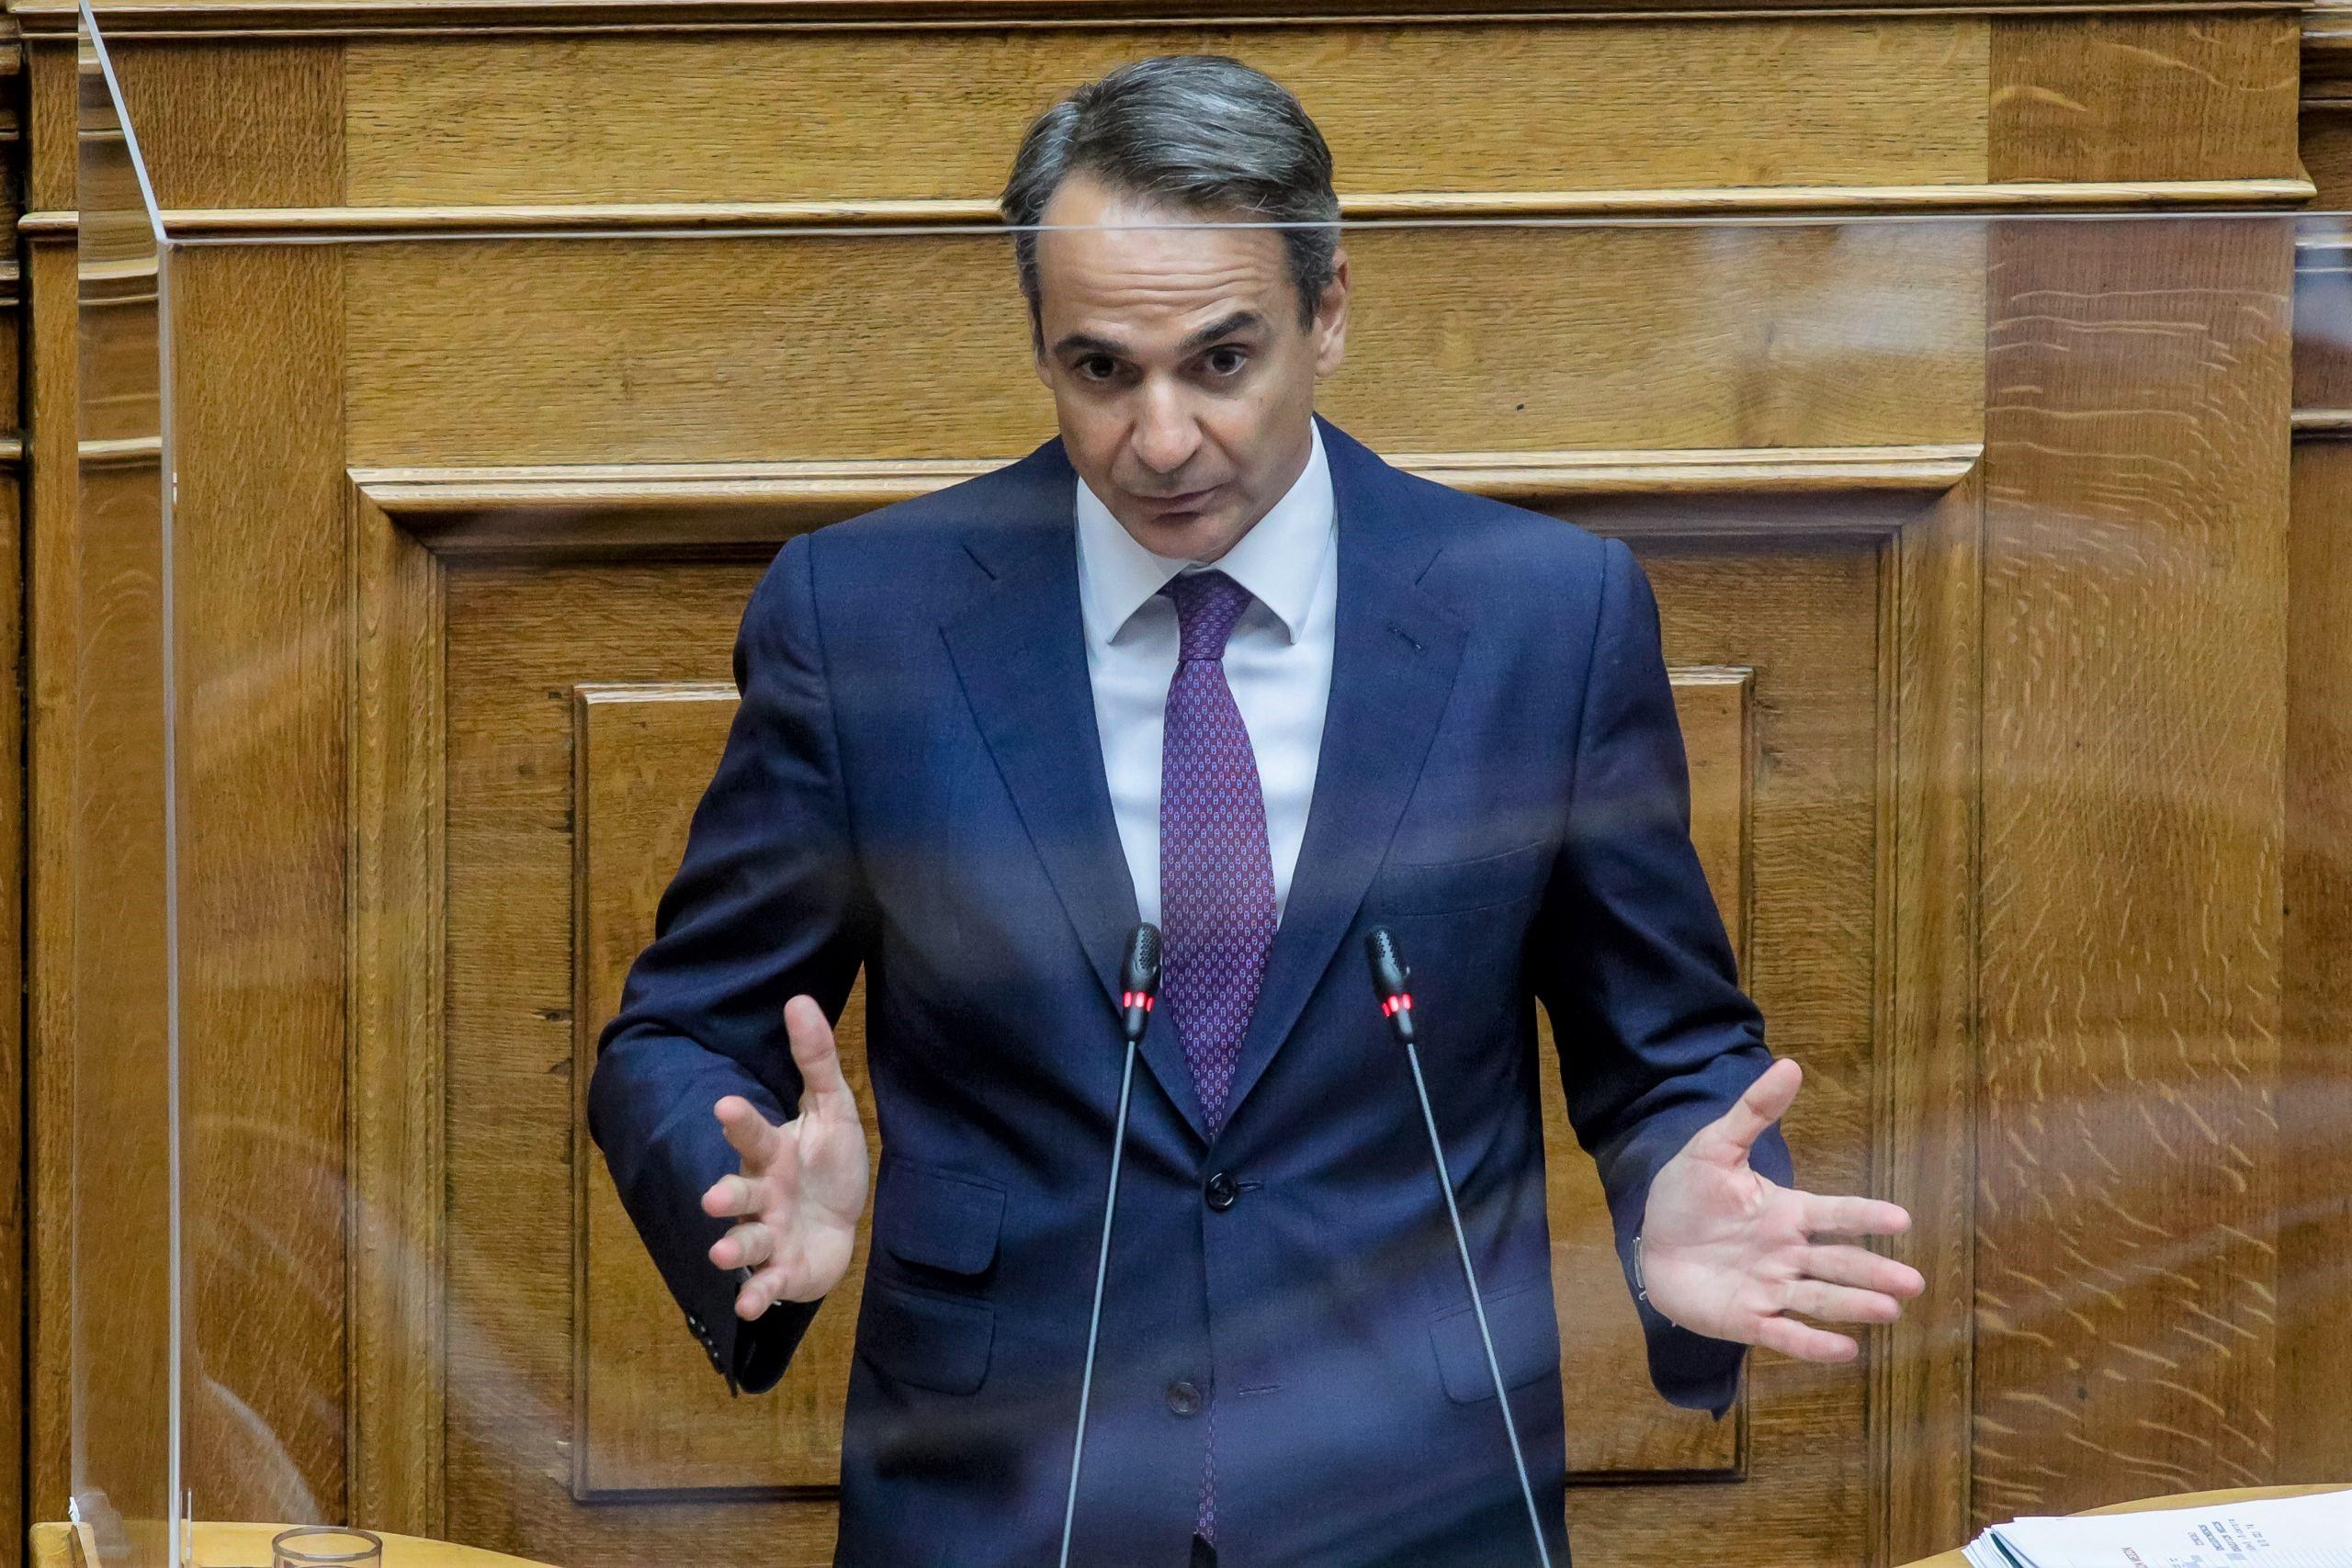 Κυρ. Μητσοτάκης: Κάθε «όχι» στη Συμφωνία με τη Γαλλία, είναι «όχι» στη θωράκιση της χώρας